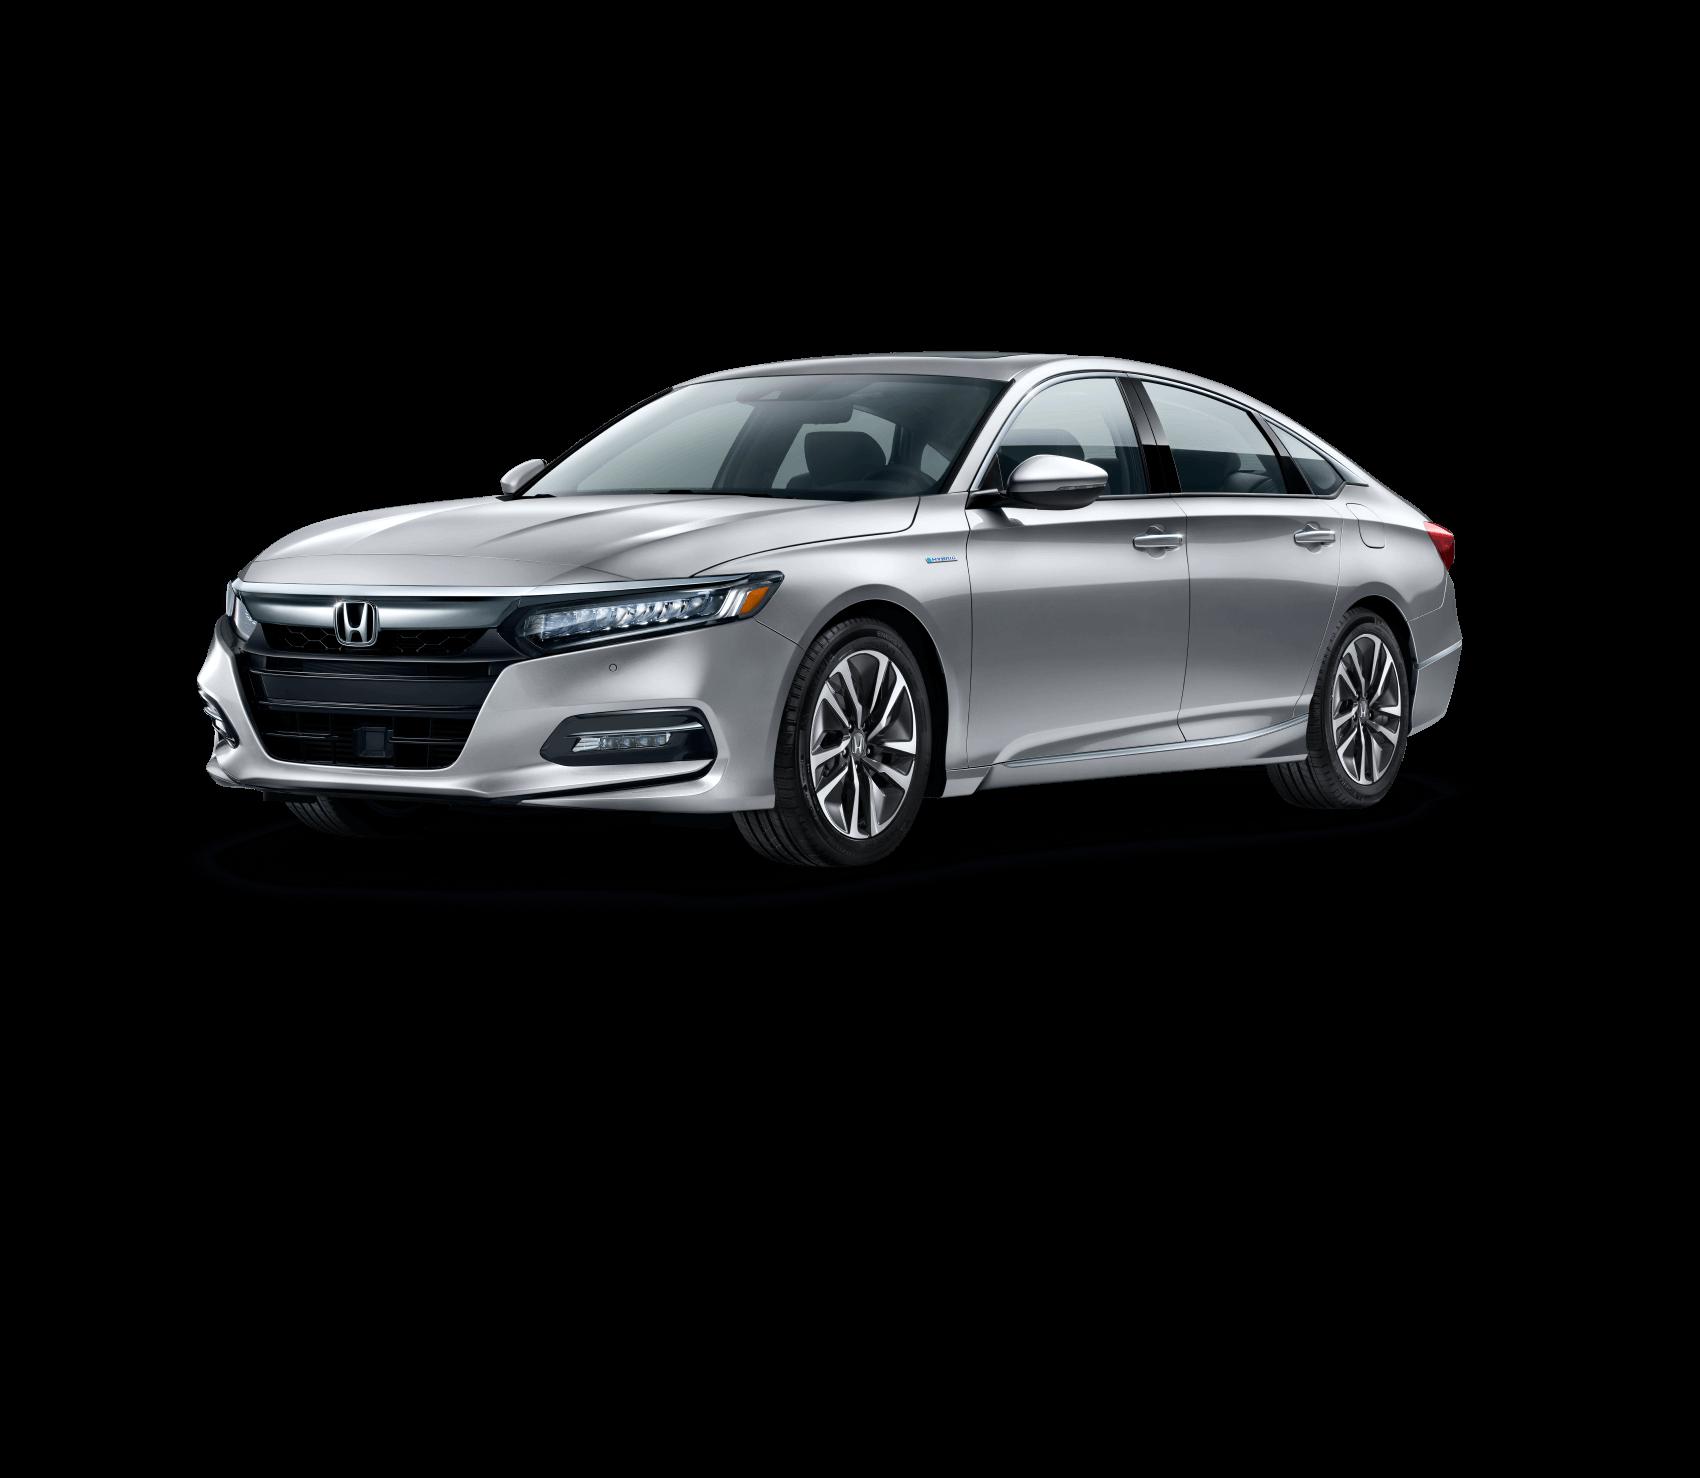 2020 Honda Accord Silver